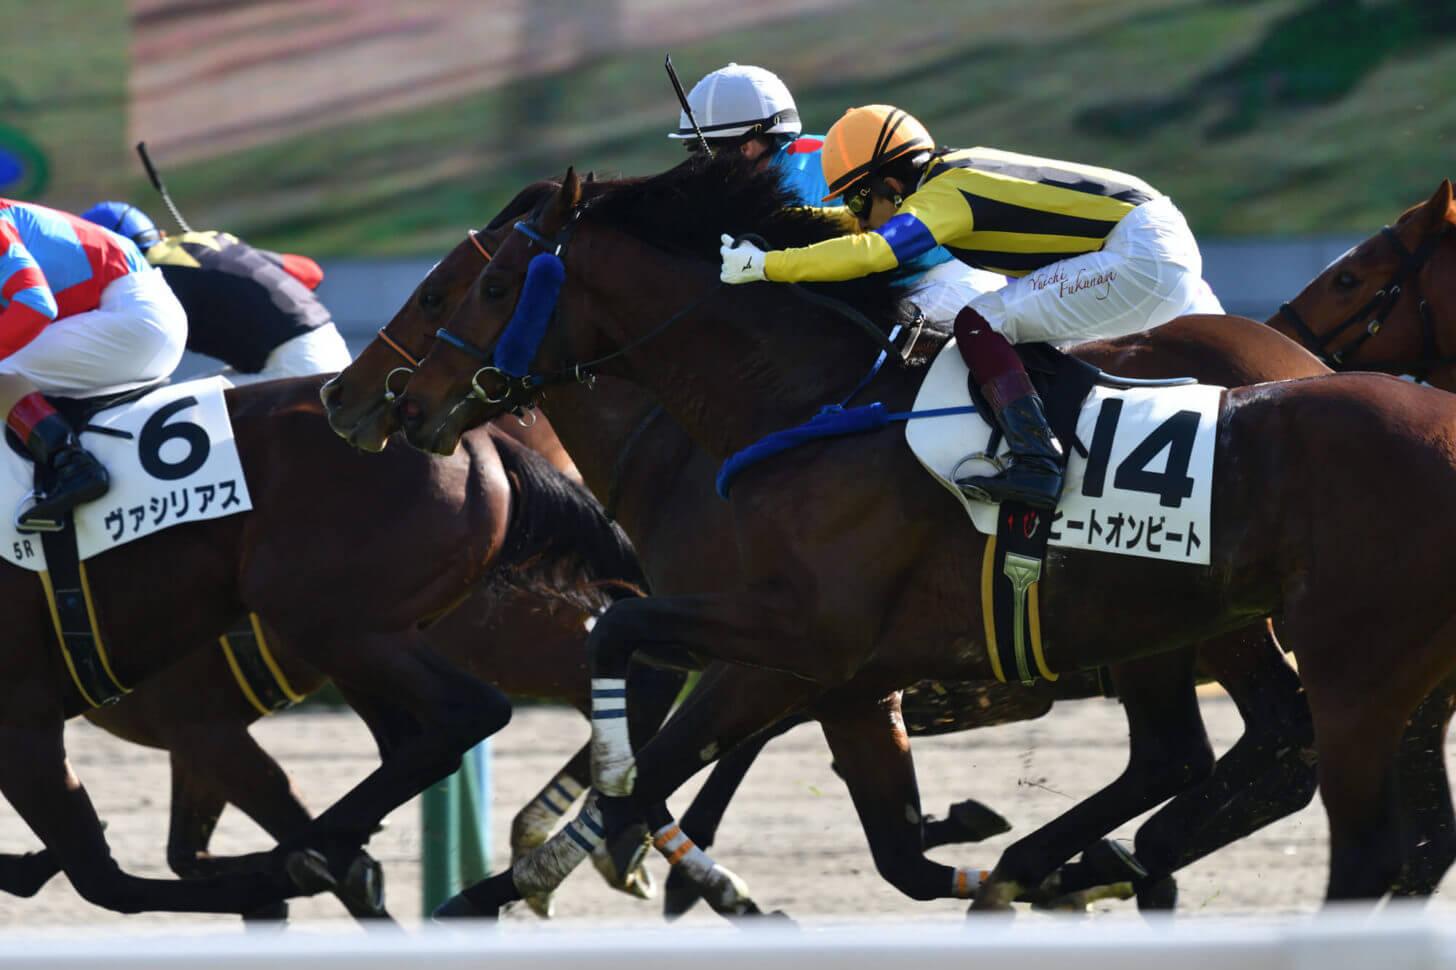 ハーツクリスタルとヒートオンビートの併せ馬